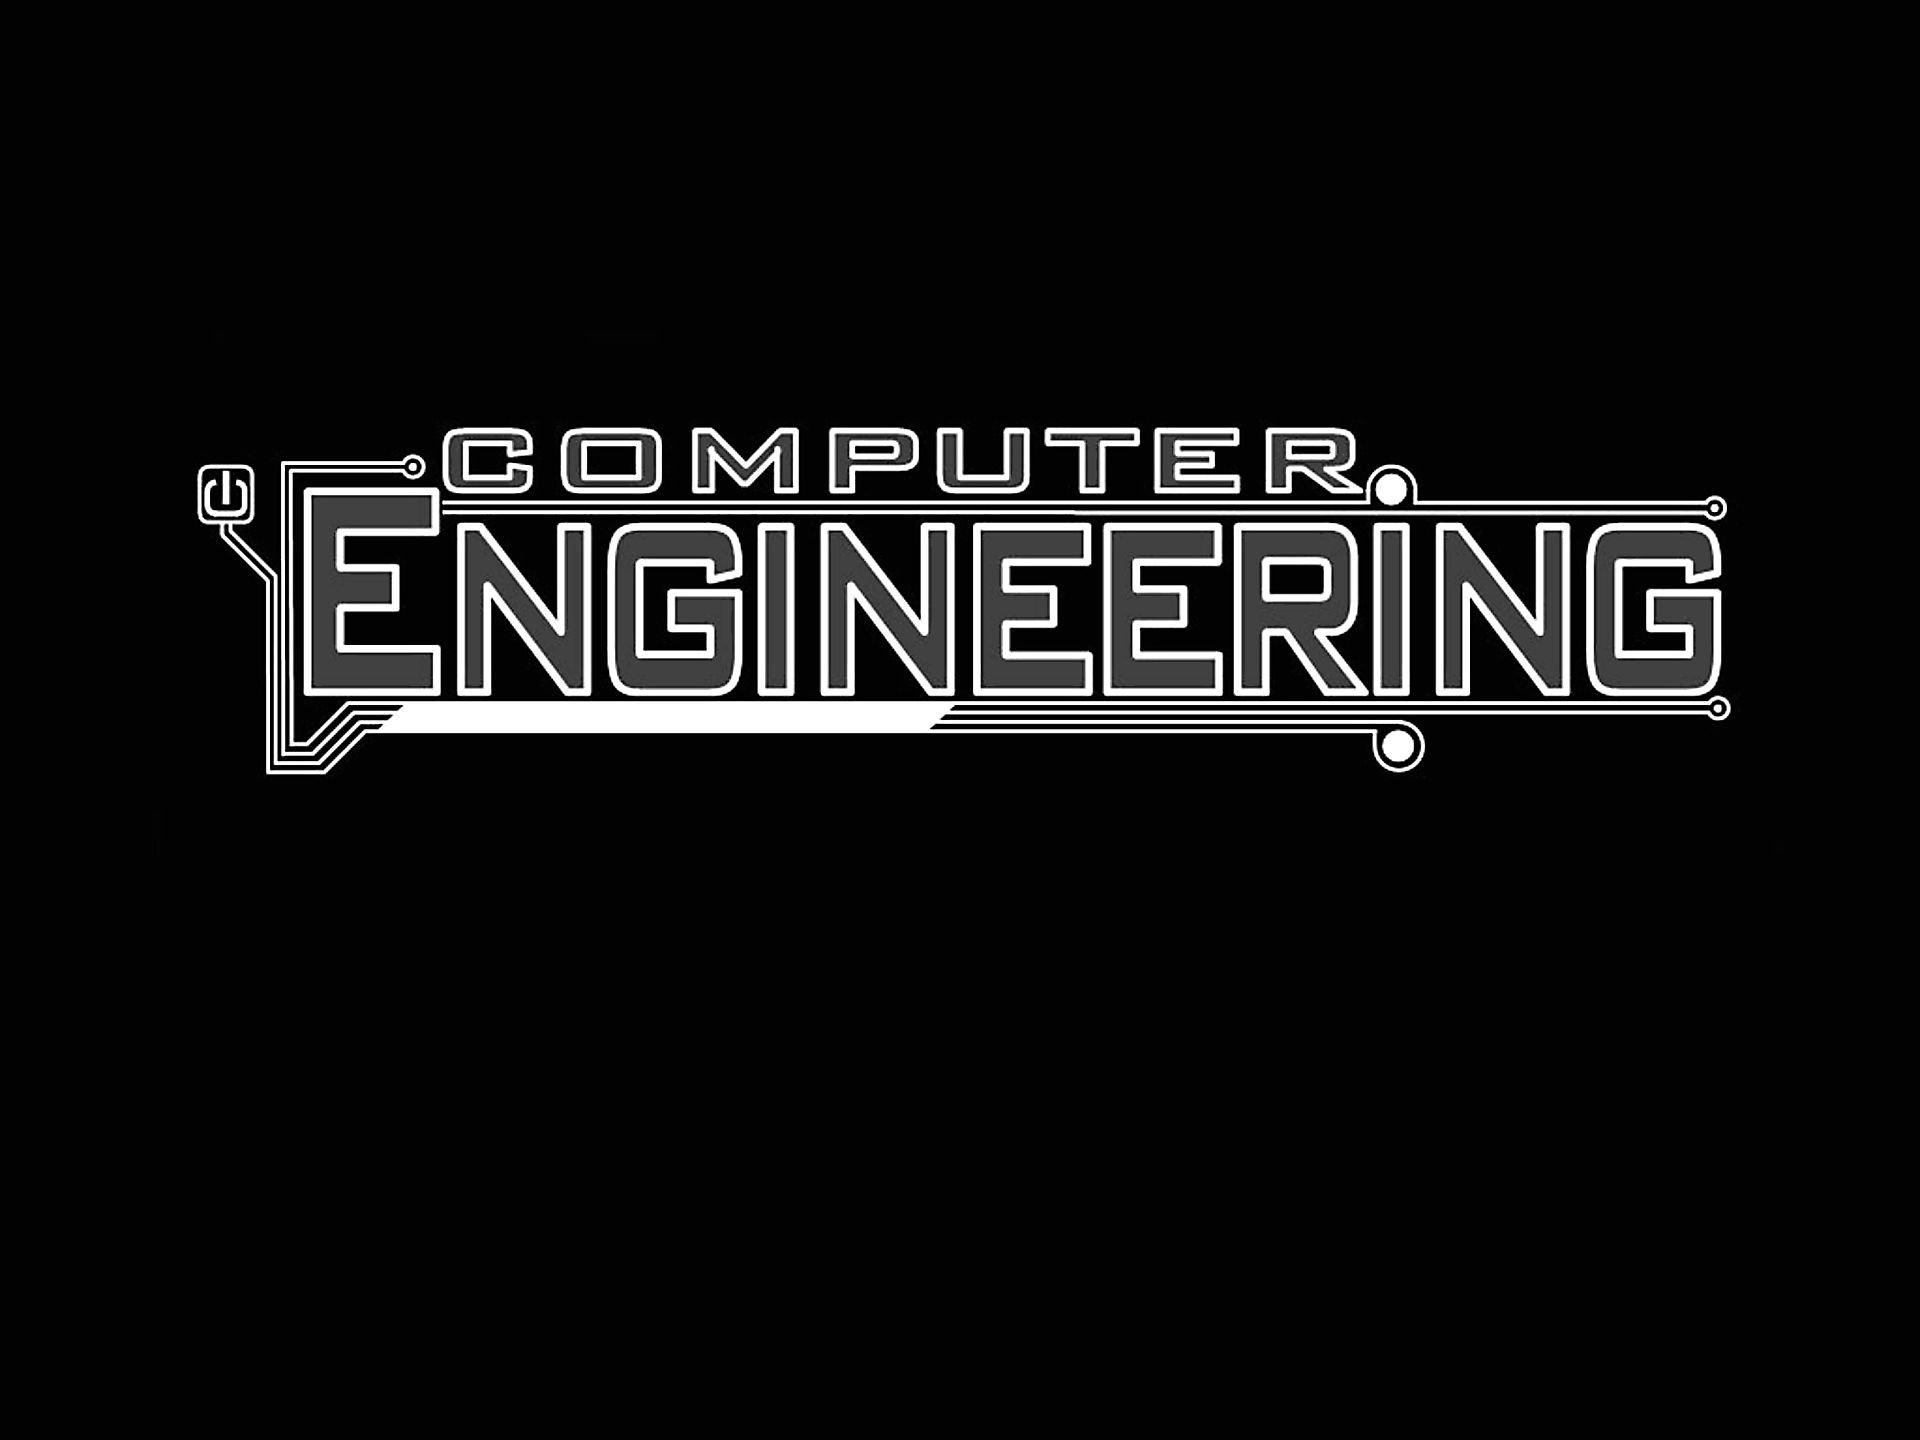 Engineer Wallpaper - WallpaperSafariComputer Engineering Images